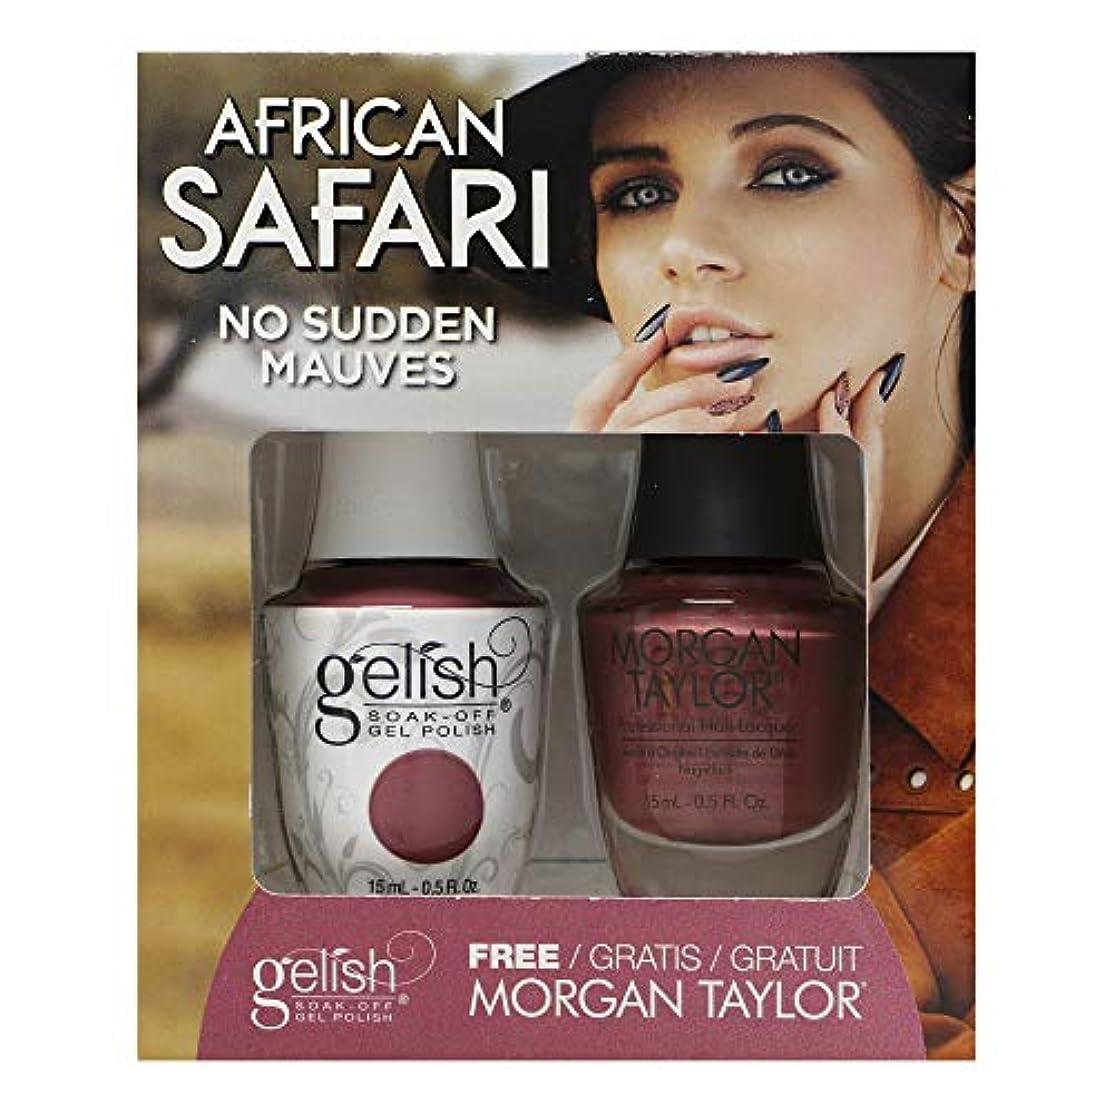 医薬品テロリスト変更Gelish - Two of a Kind - African Safari Collection - No Sudden Mauves